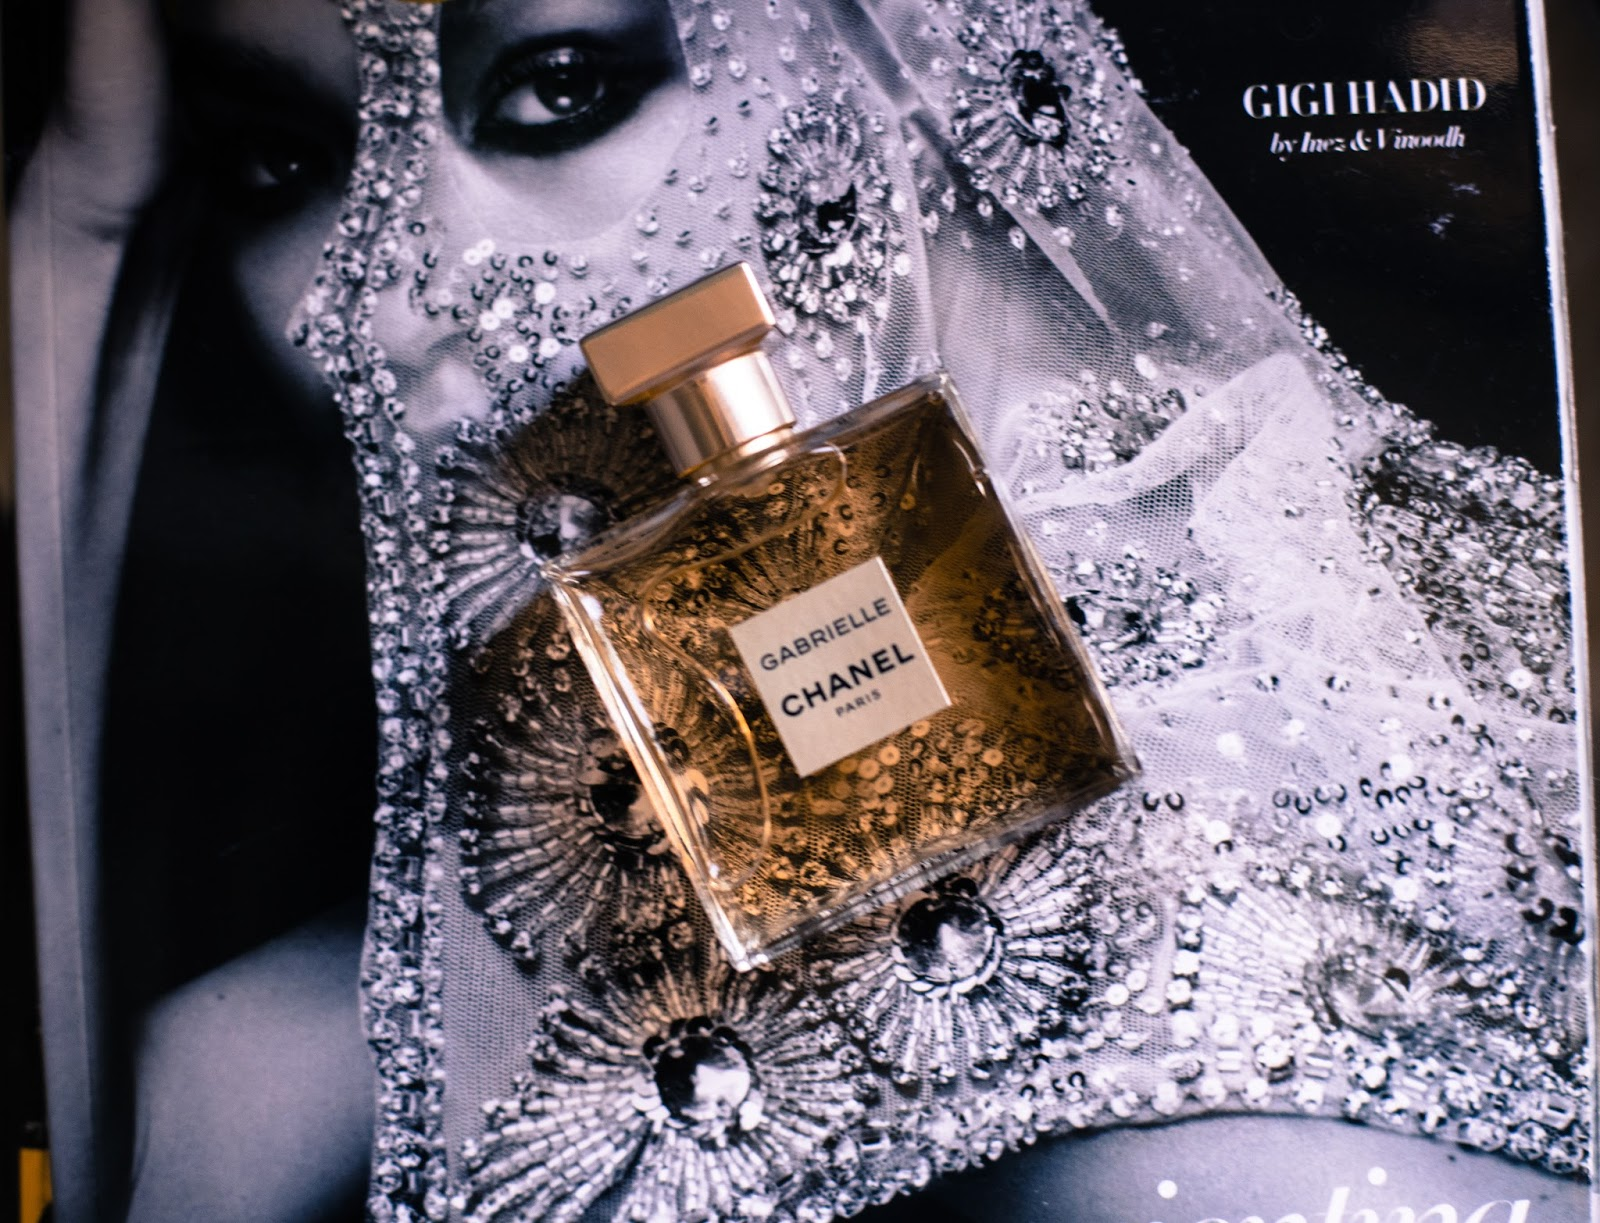 779ef3722 قبل ١٥ سنة أطلقت شانيل عطر نسائي شانيل شانس وبعدها كل عطوراتها كانت موجه  للجنسين واخيرا بعد ١٥ سنة خصت النساء بالاصدار الجديد. Gabrielle by Chanel